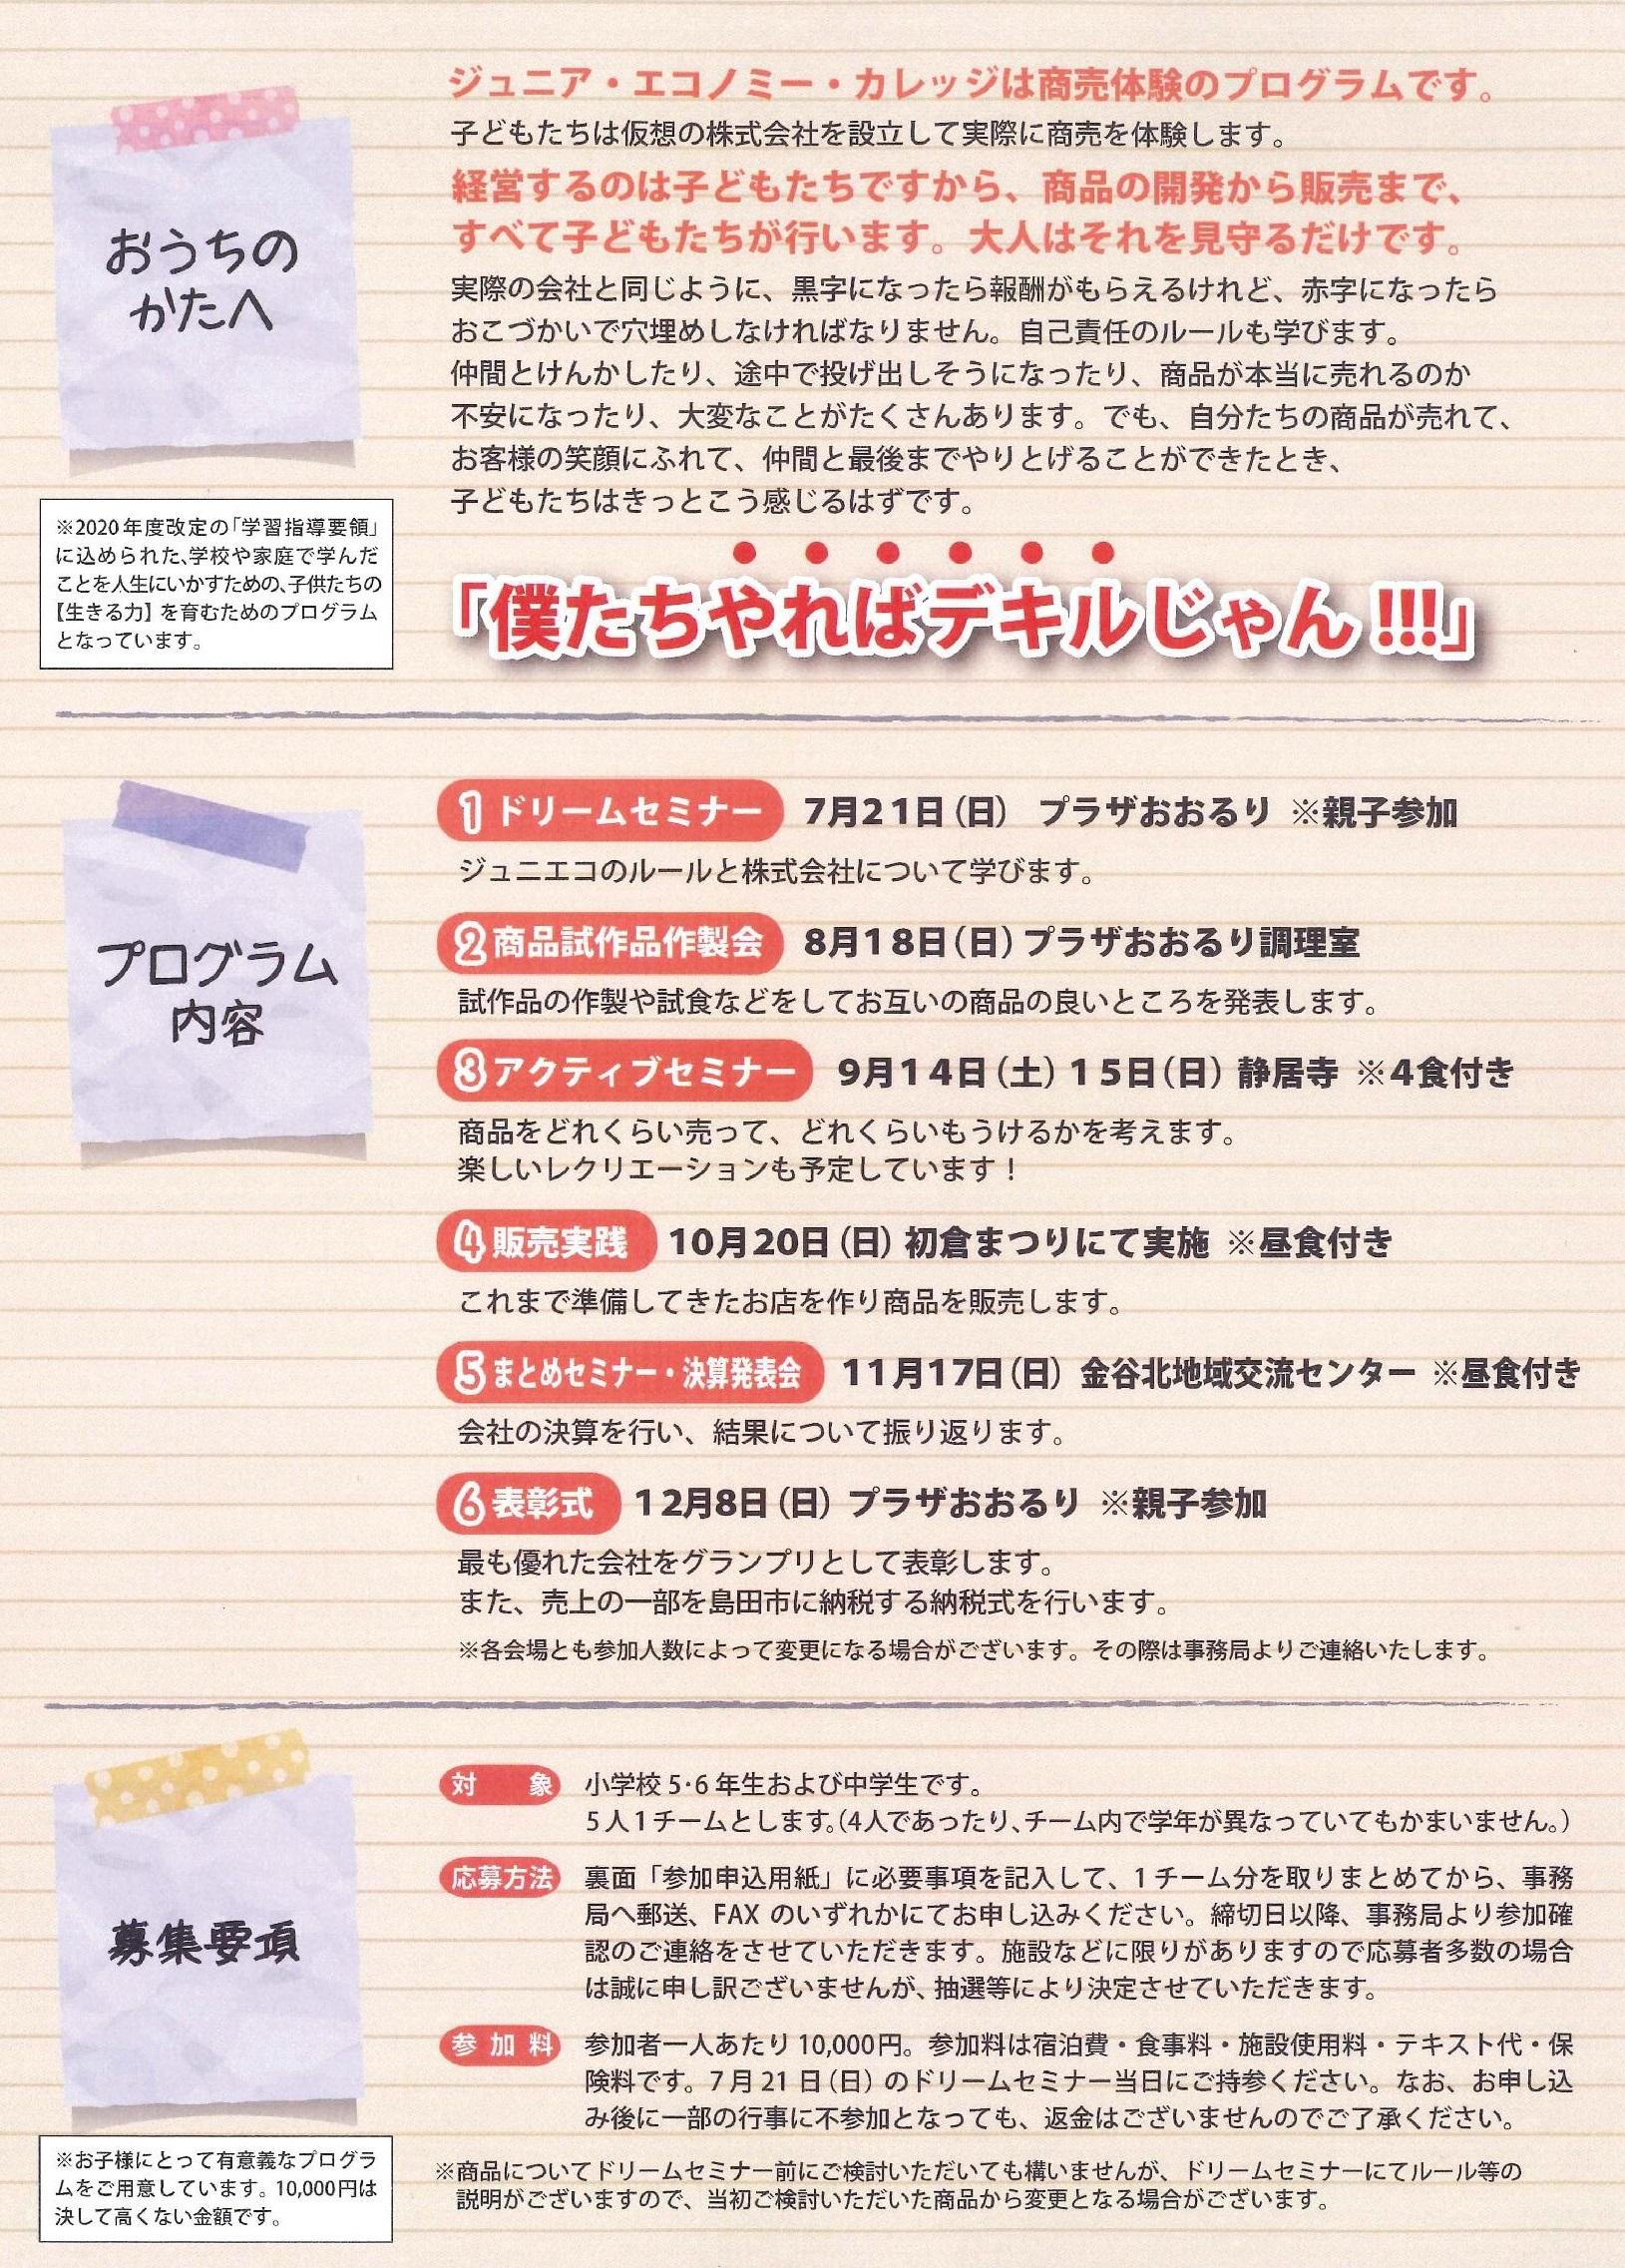 パンフレット・申込用紙-002